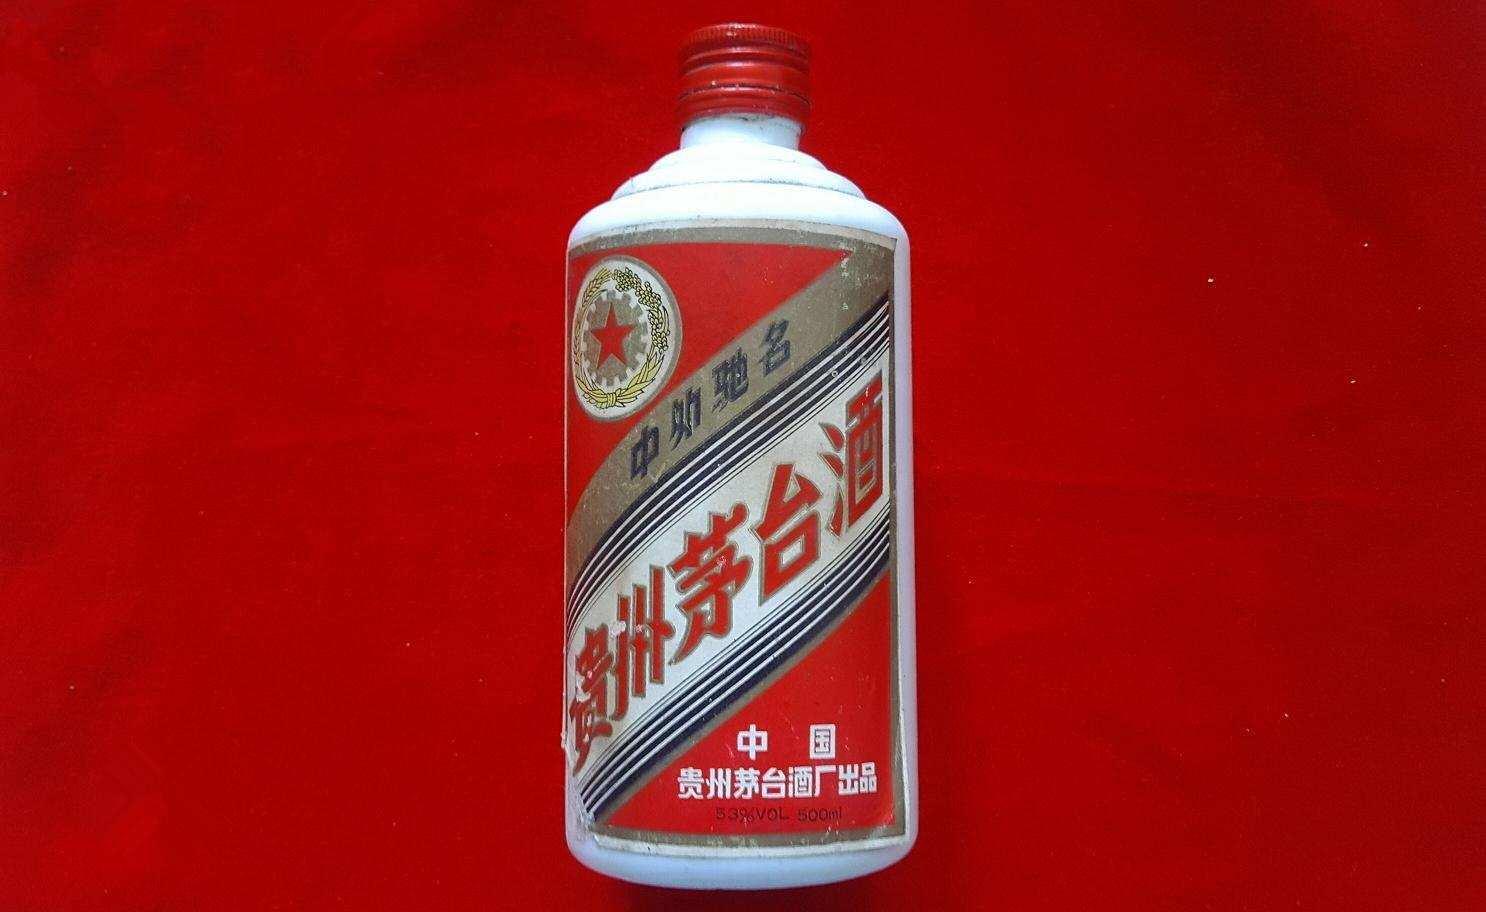 白酒股重创,茅台、五粮液都大跌,A股的喝酒行情要结束了吗?